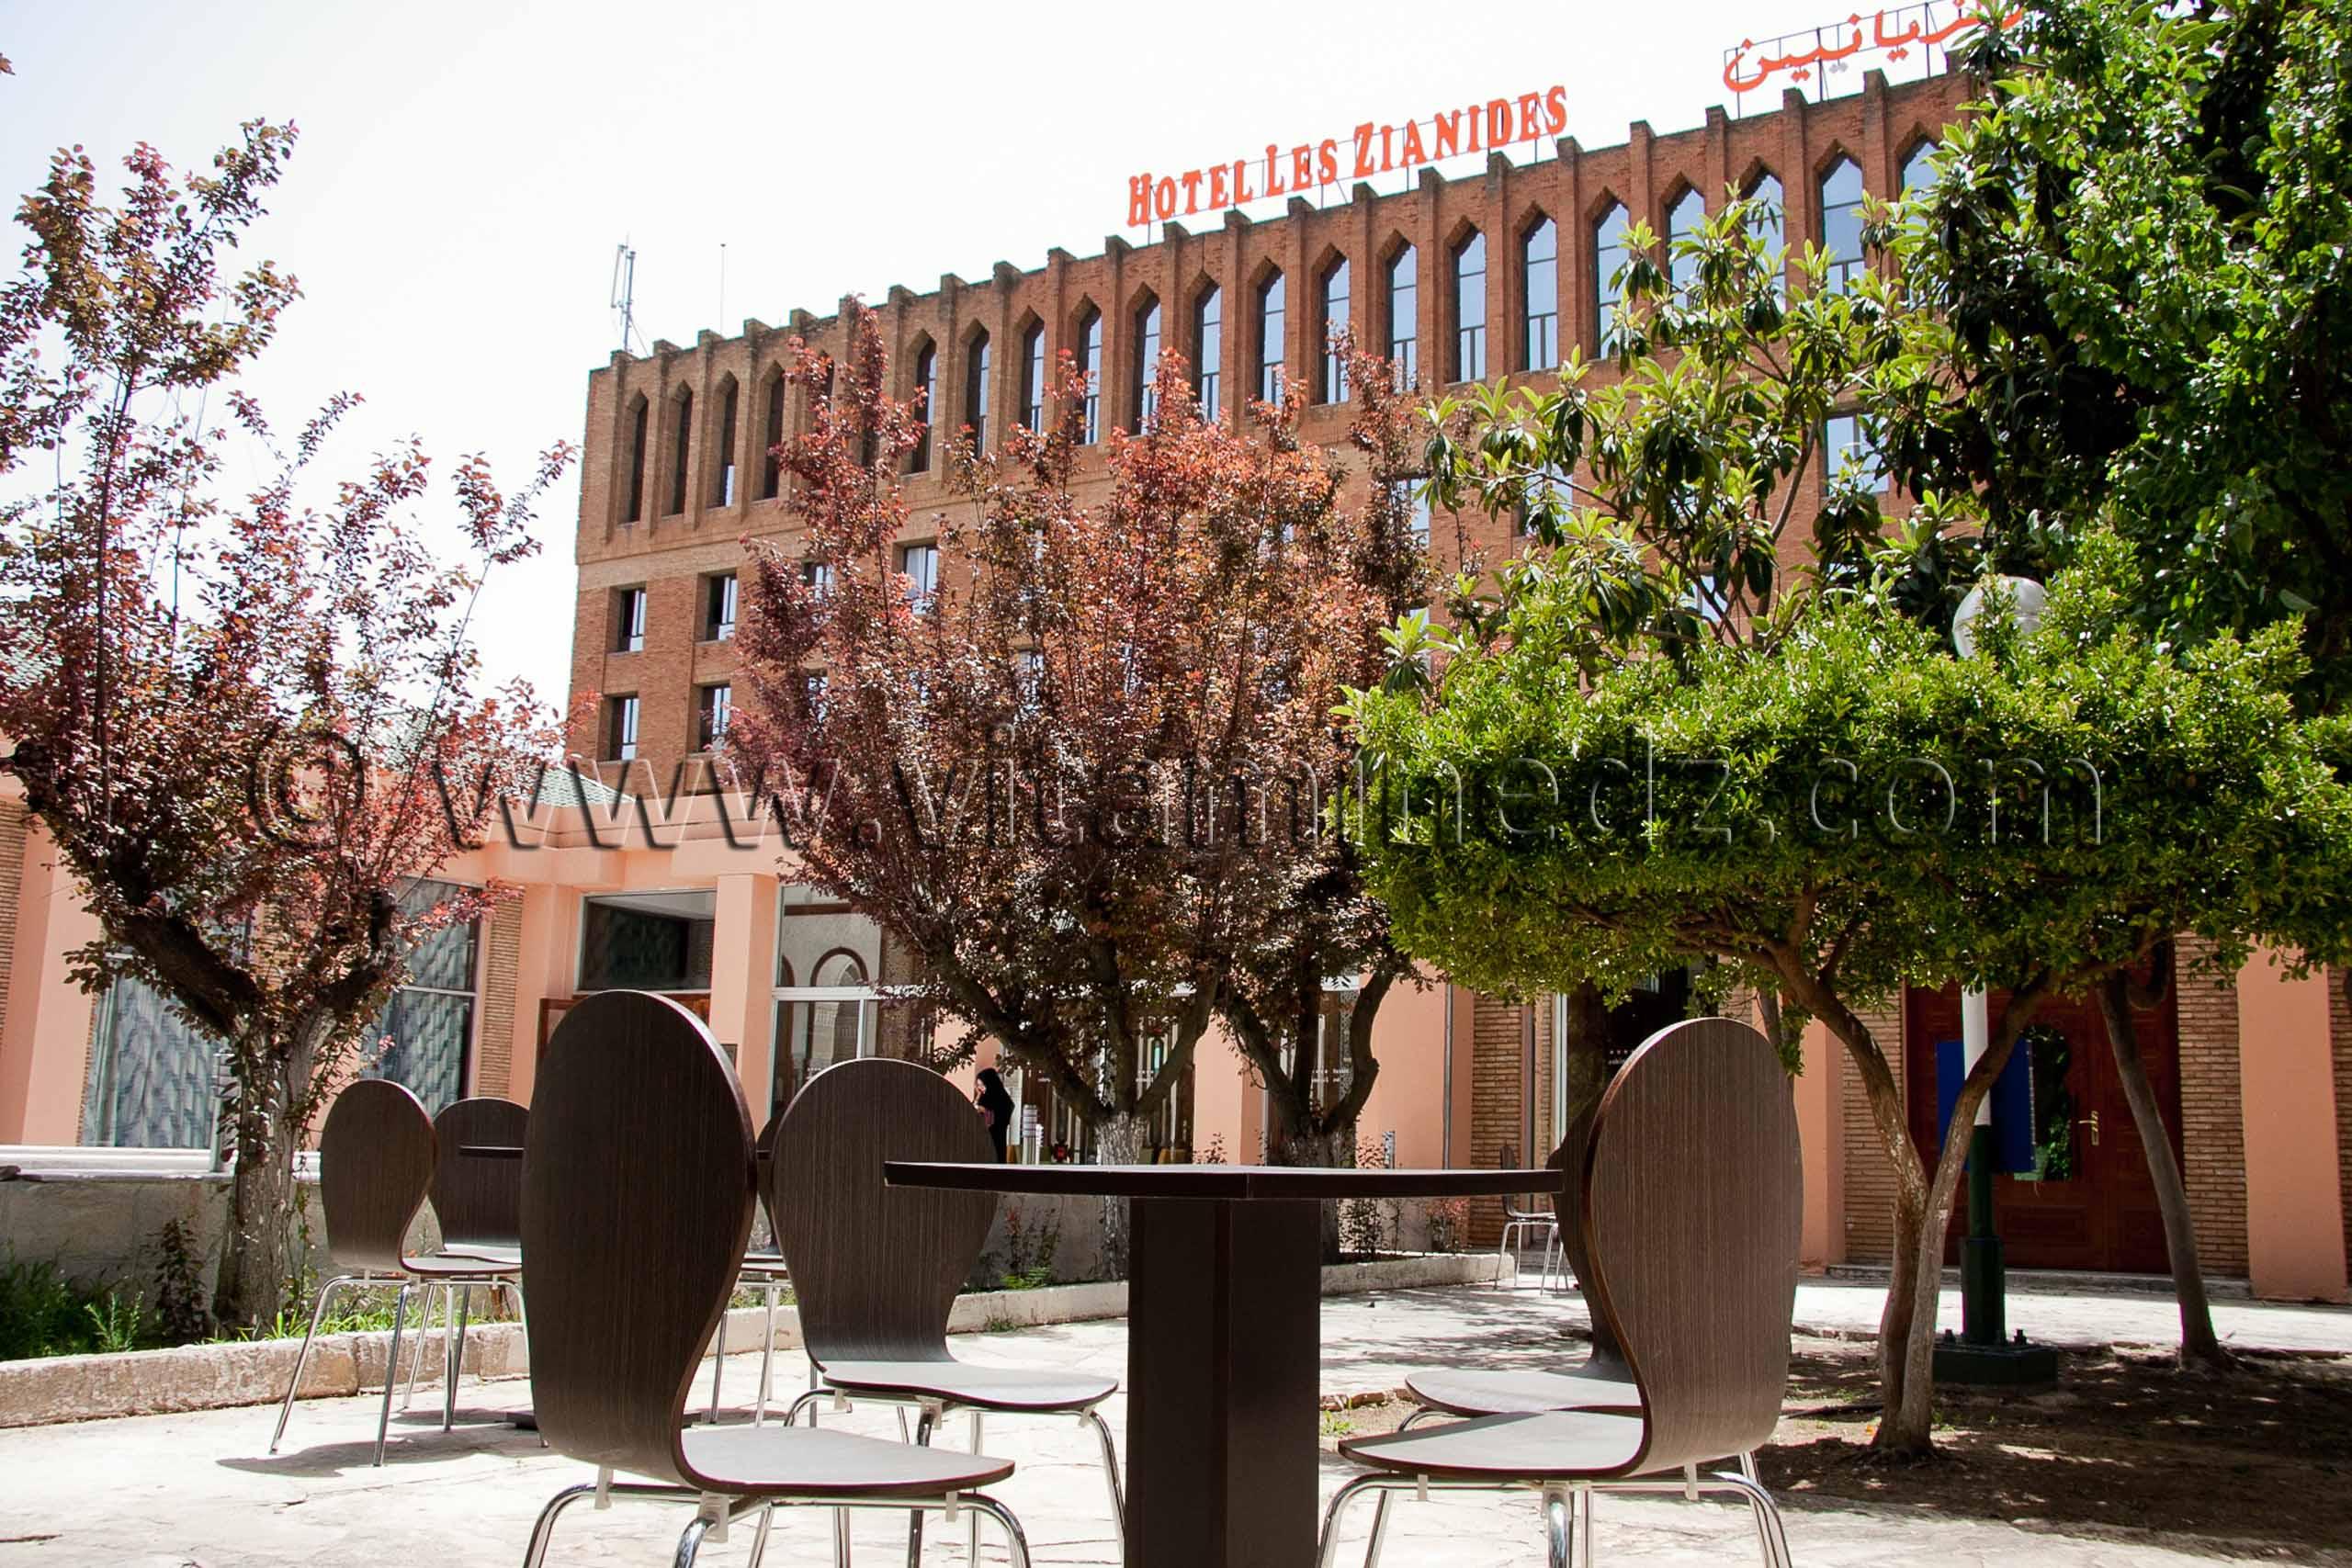 Tarif hotel tlemcen les zianides 40 60 euros nuit for Tarifs hotel